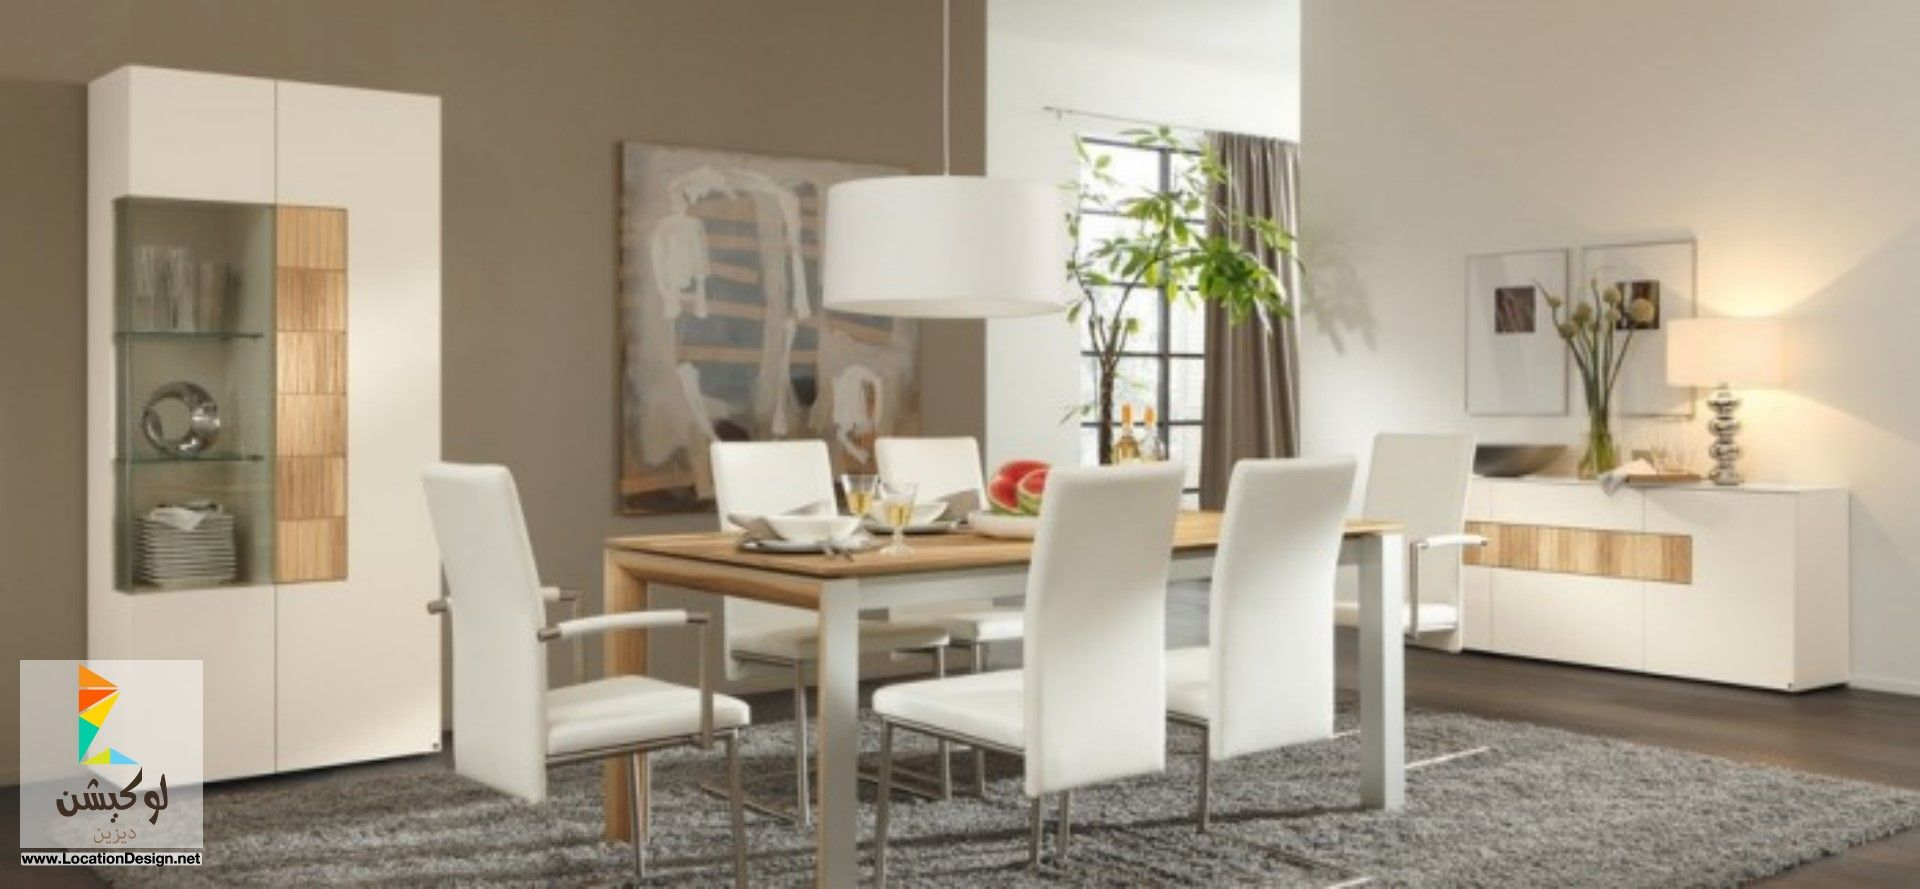 غرف سفره مودرن كامله Dining Room Furniture Modern Contemporary Dining Room Decor Stylish Dining Room